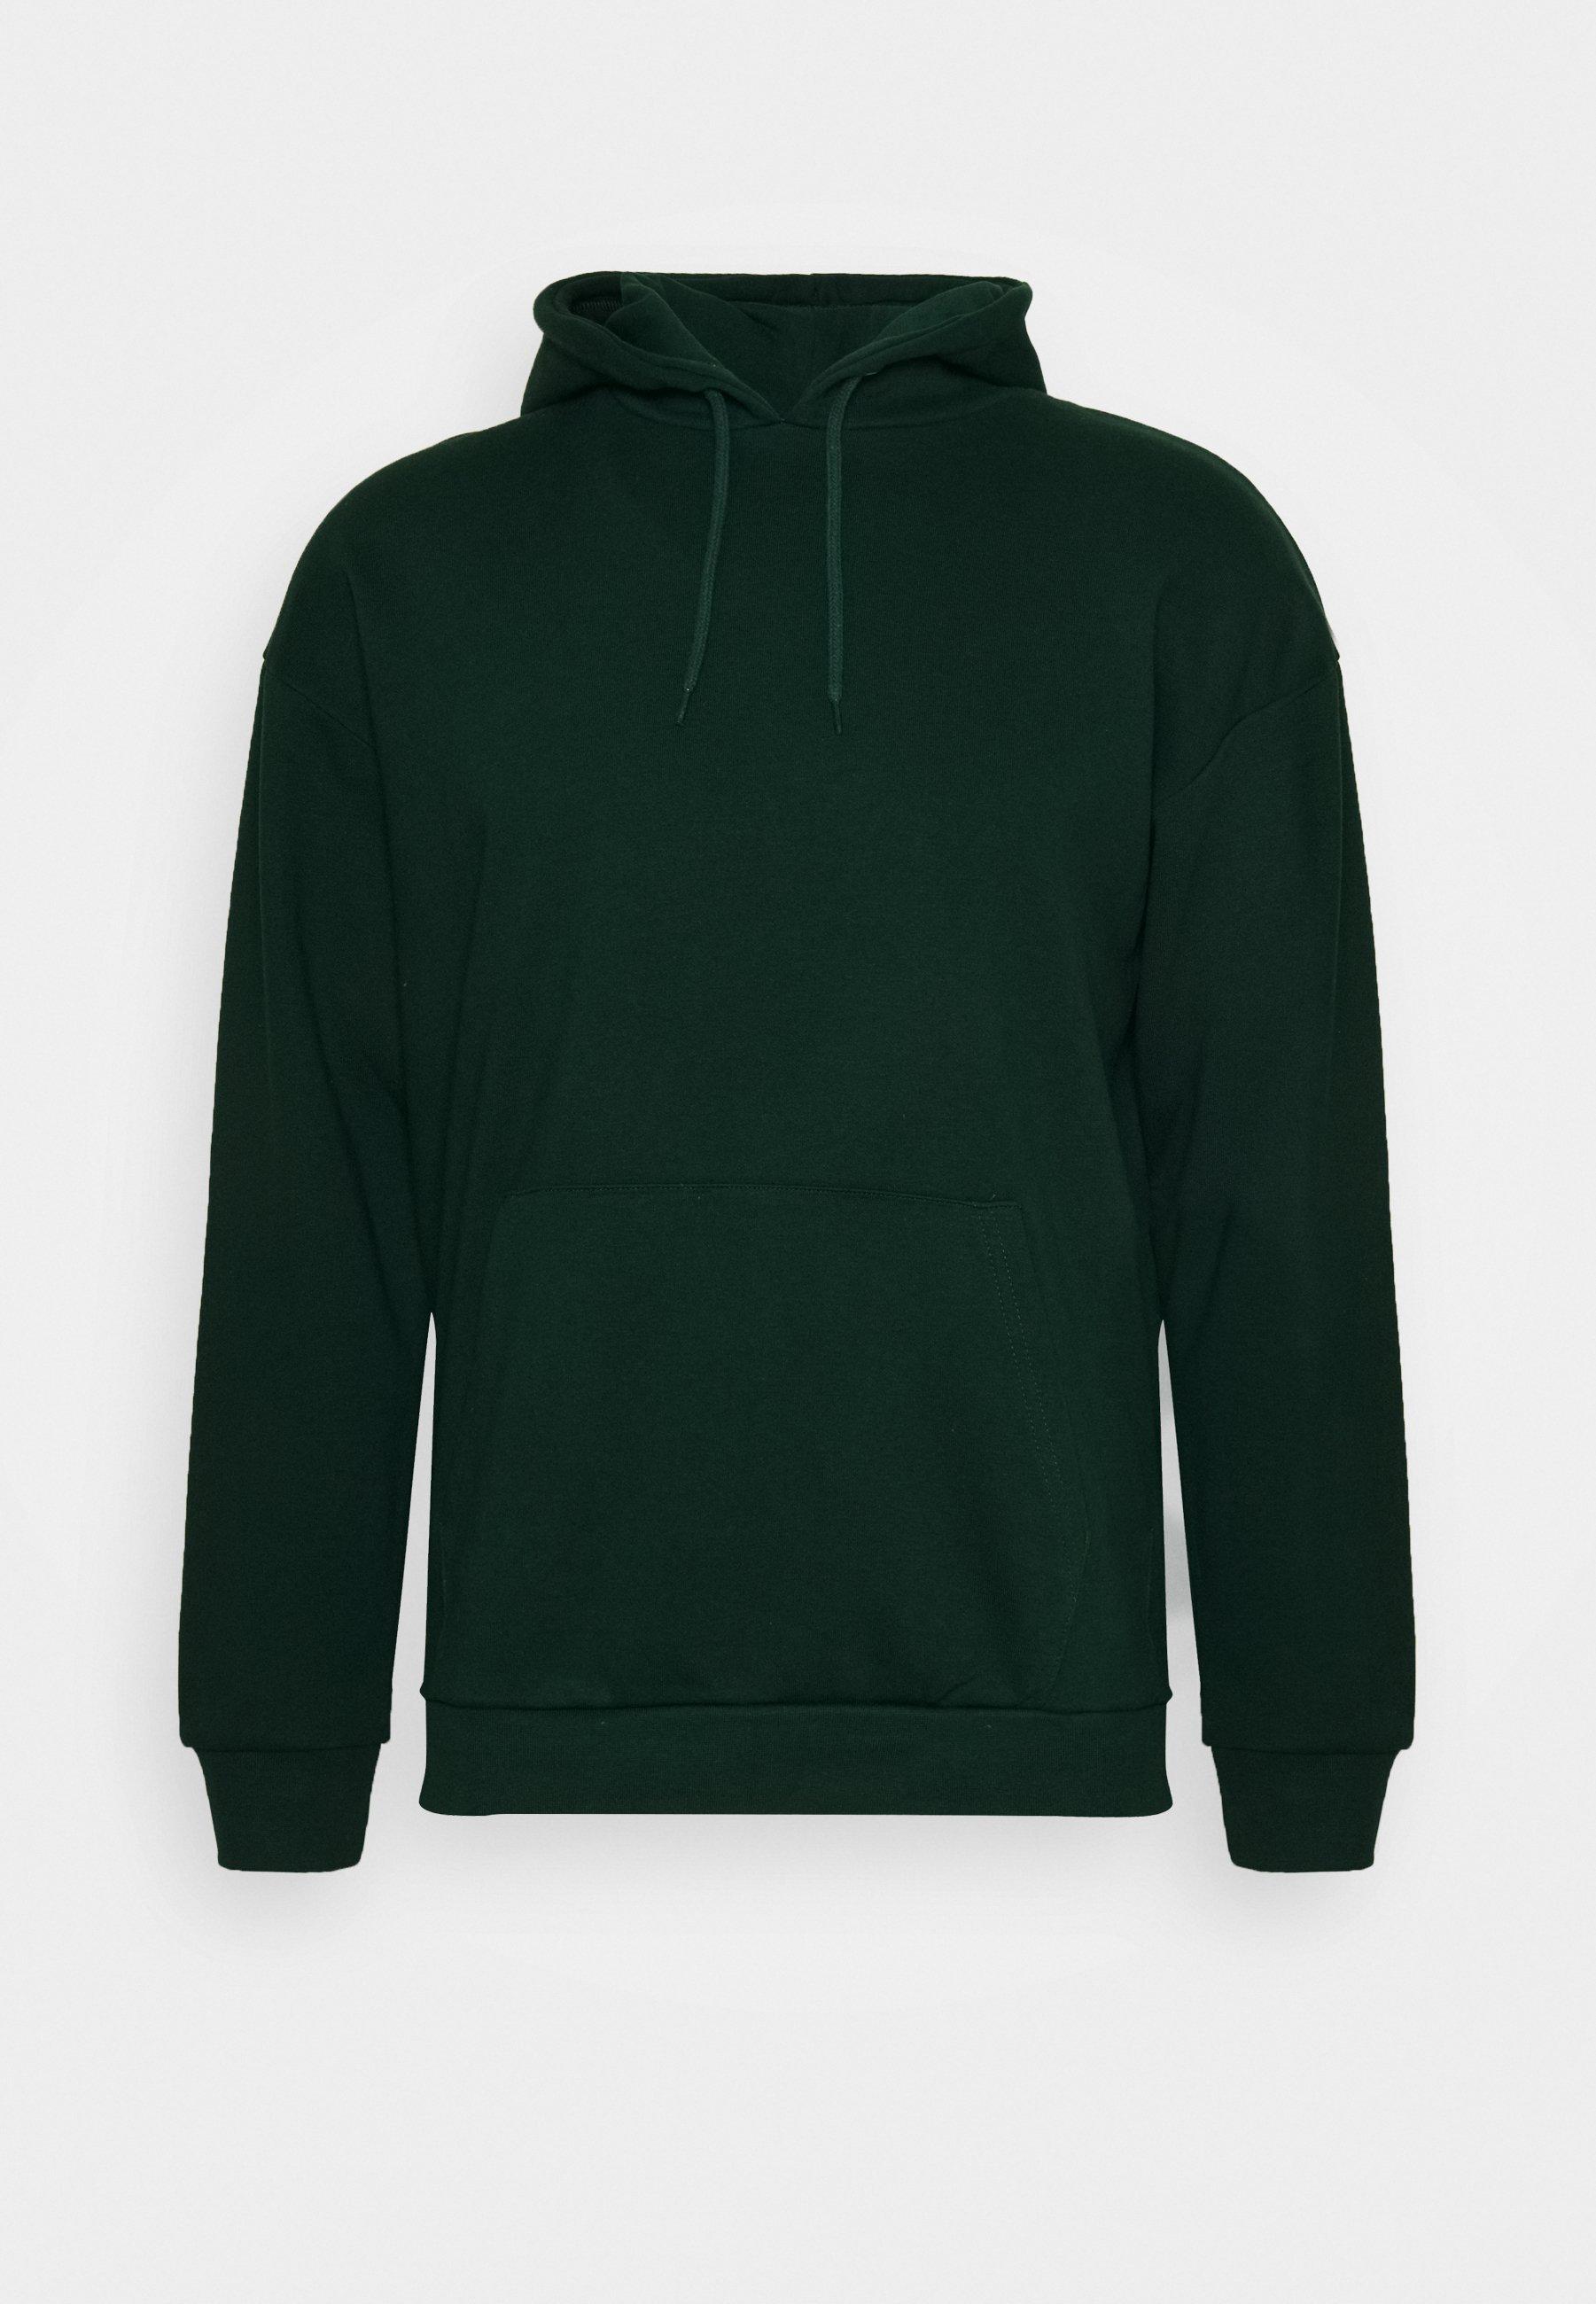 Pier One Hoodie - Dark Green/mørkegrønn